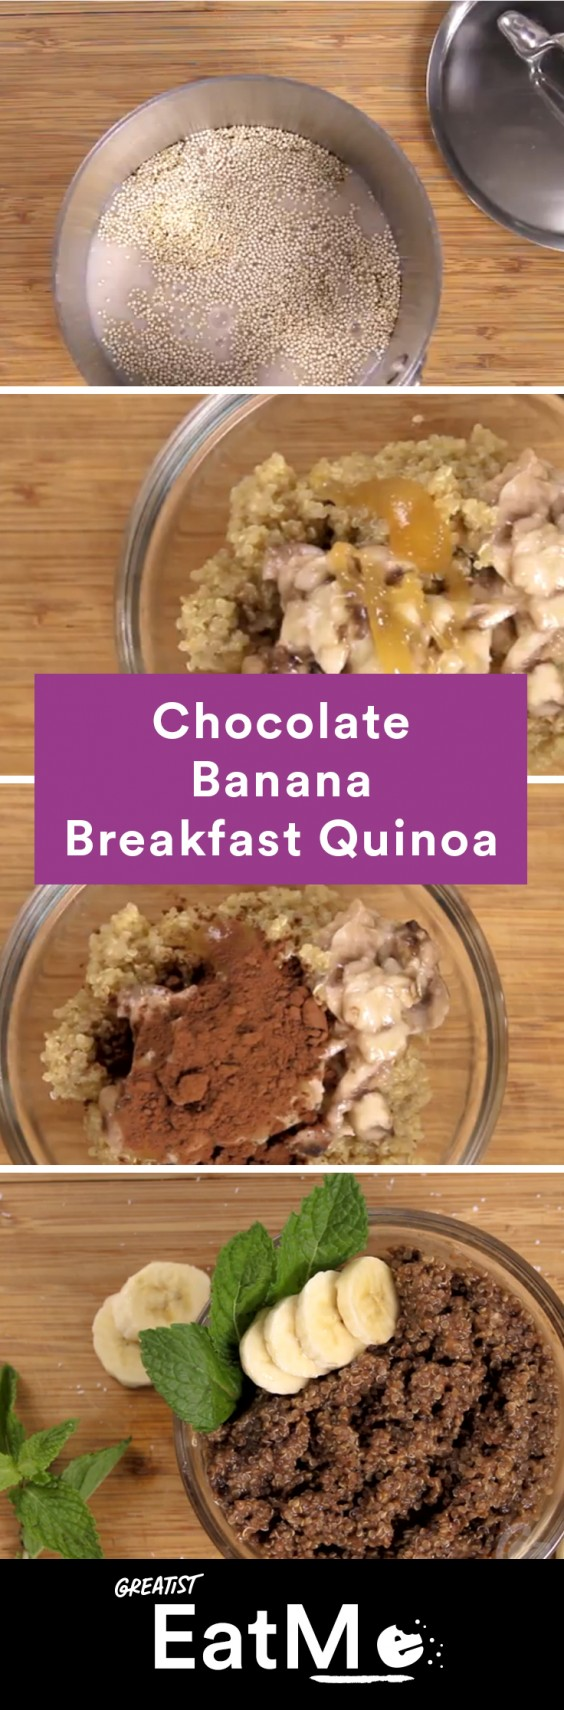 Eat Me Video: Chocolate Banana Quinoa